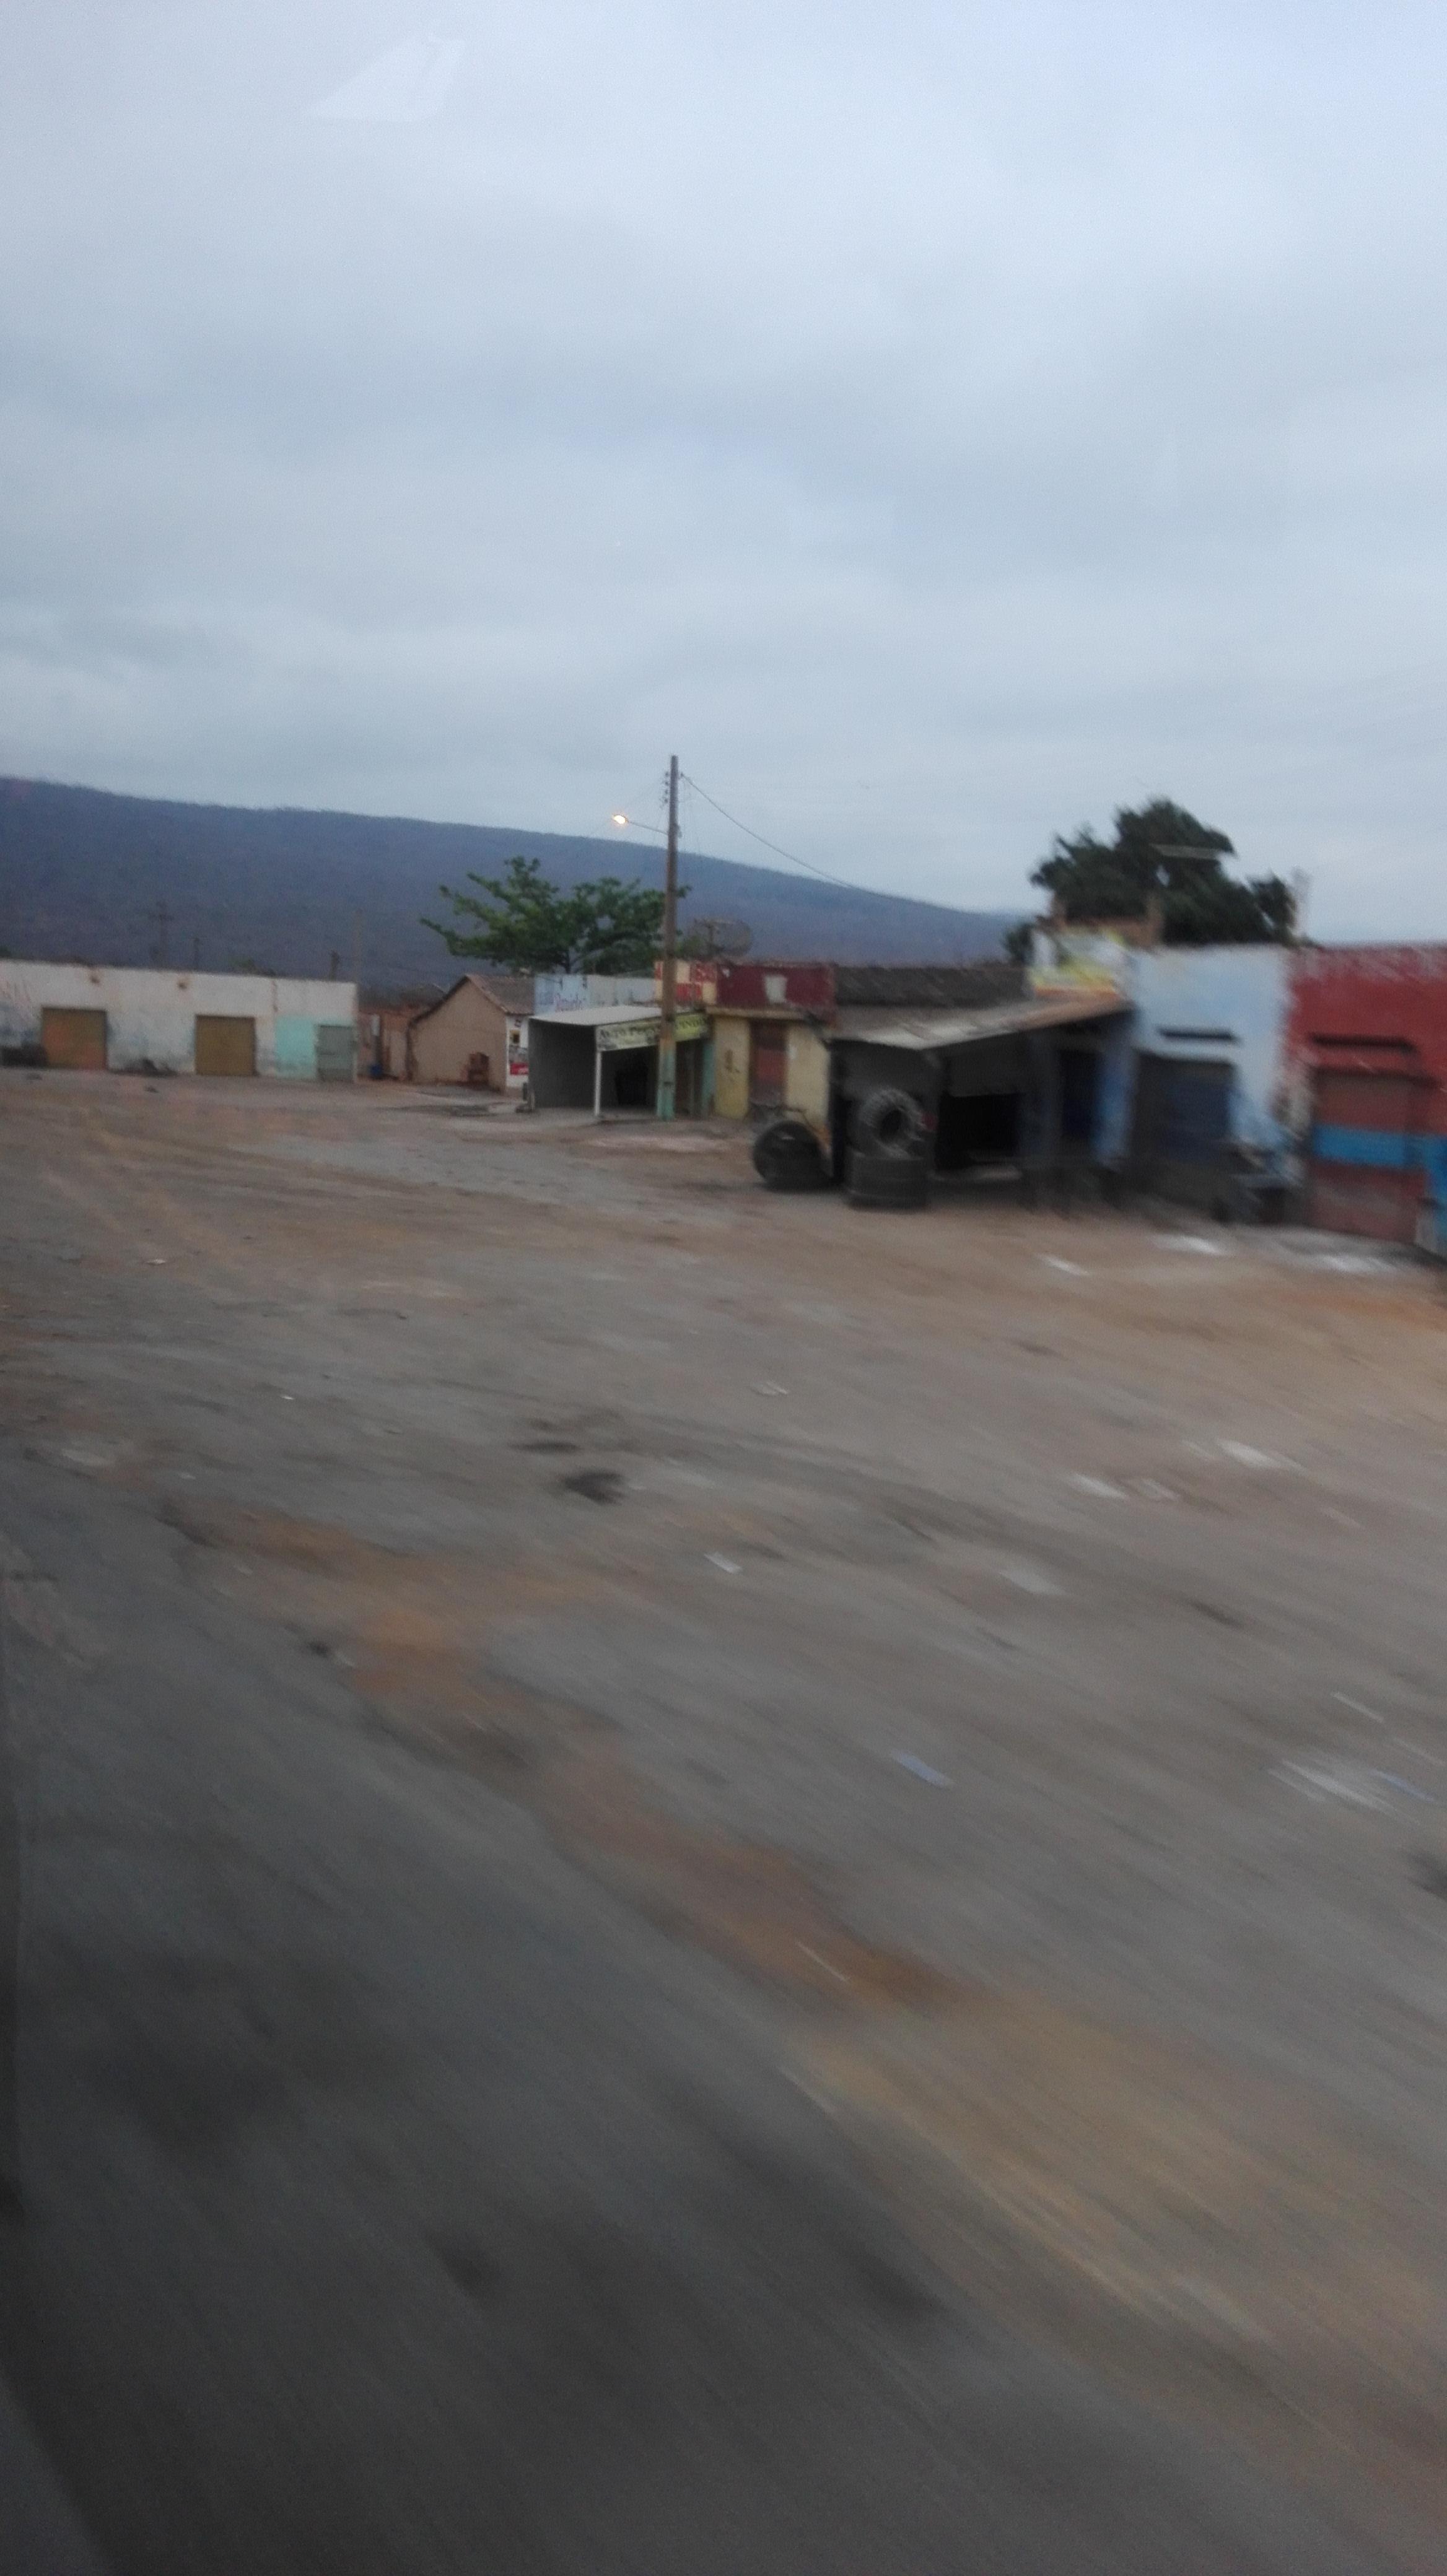 de-eerste-indrukken-op-deze-weg-richting-Ibitiara-14